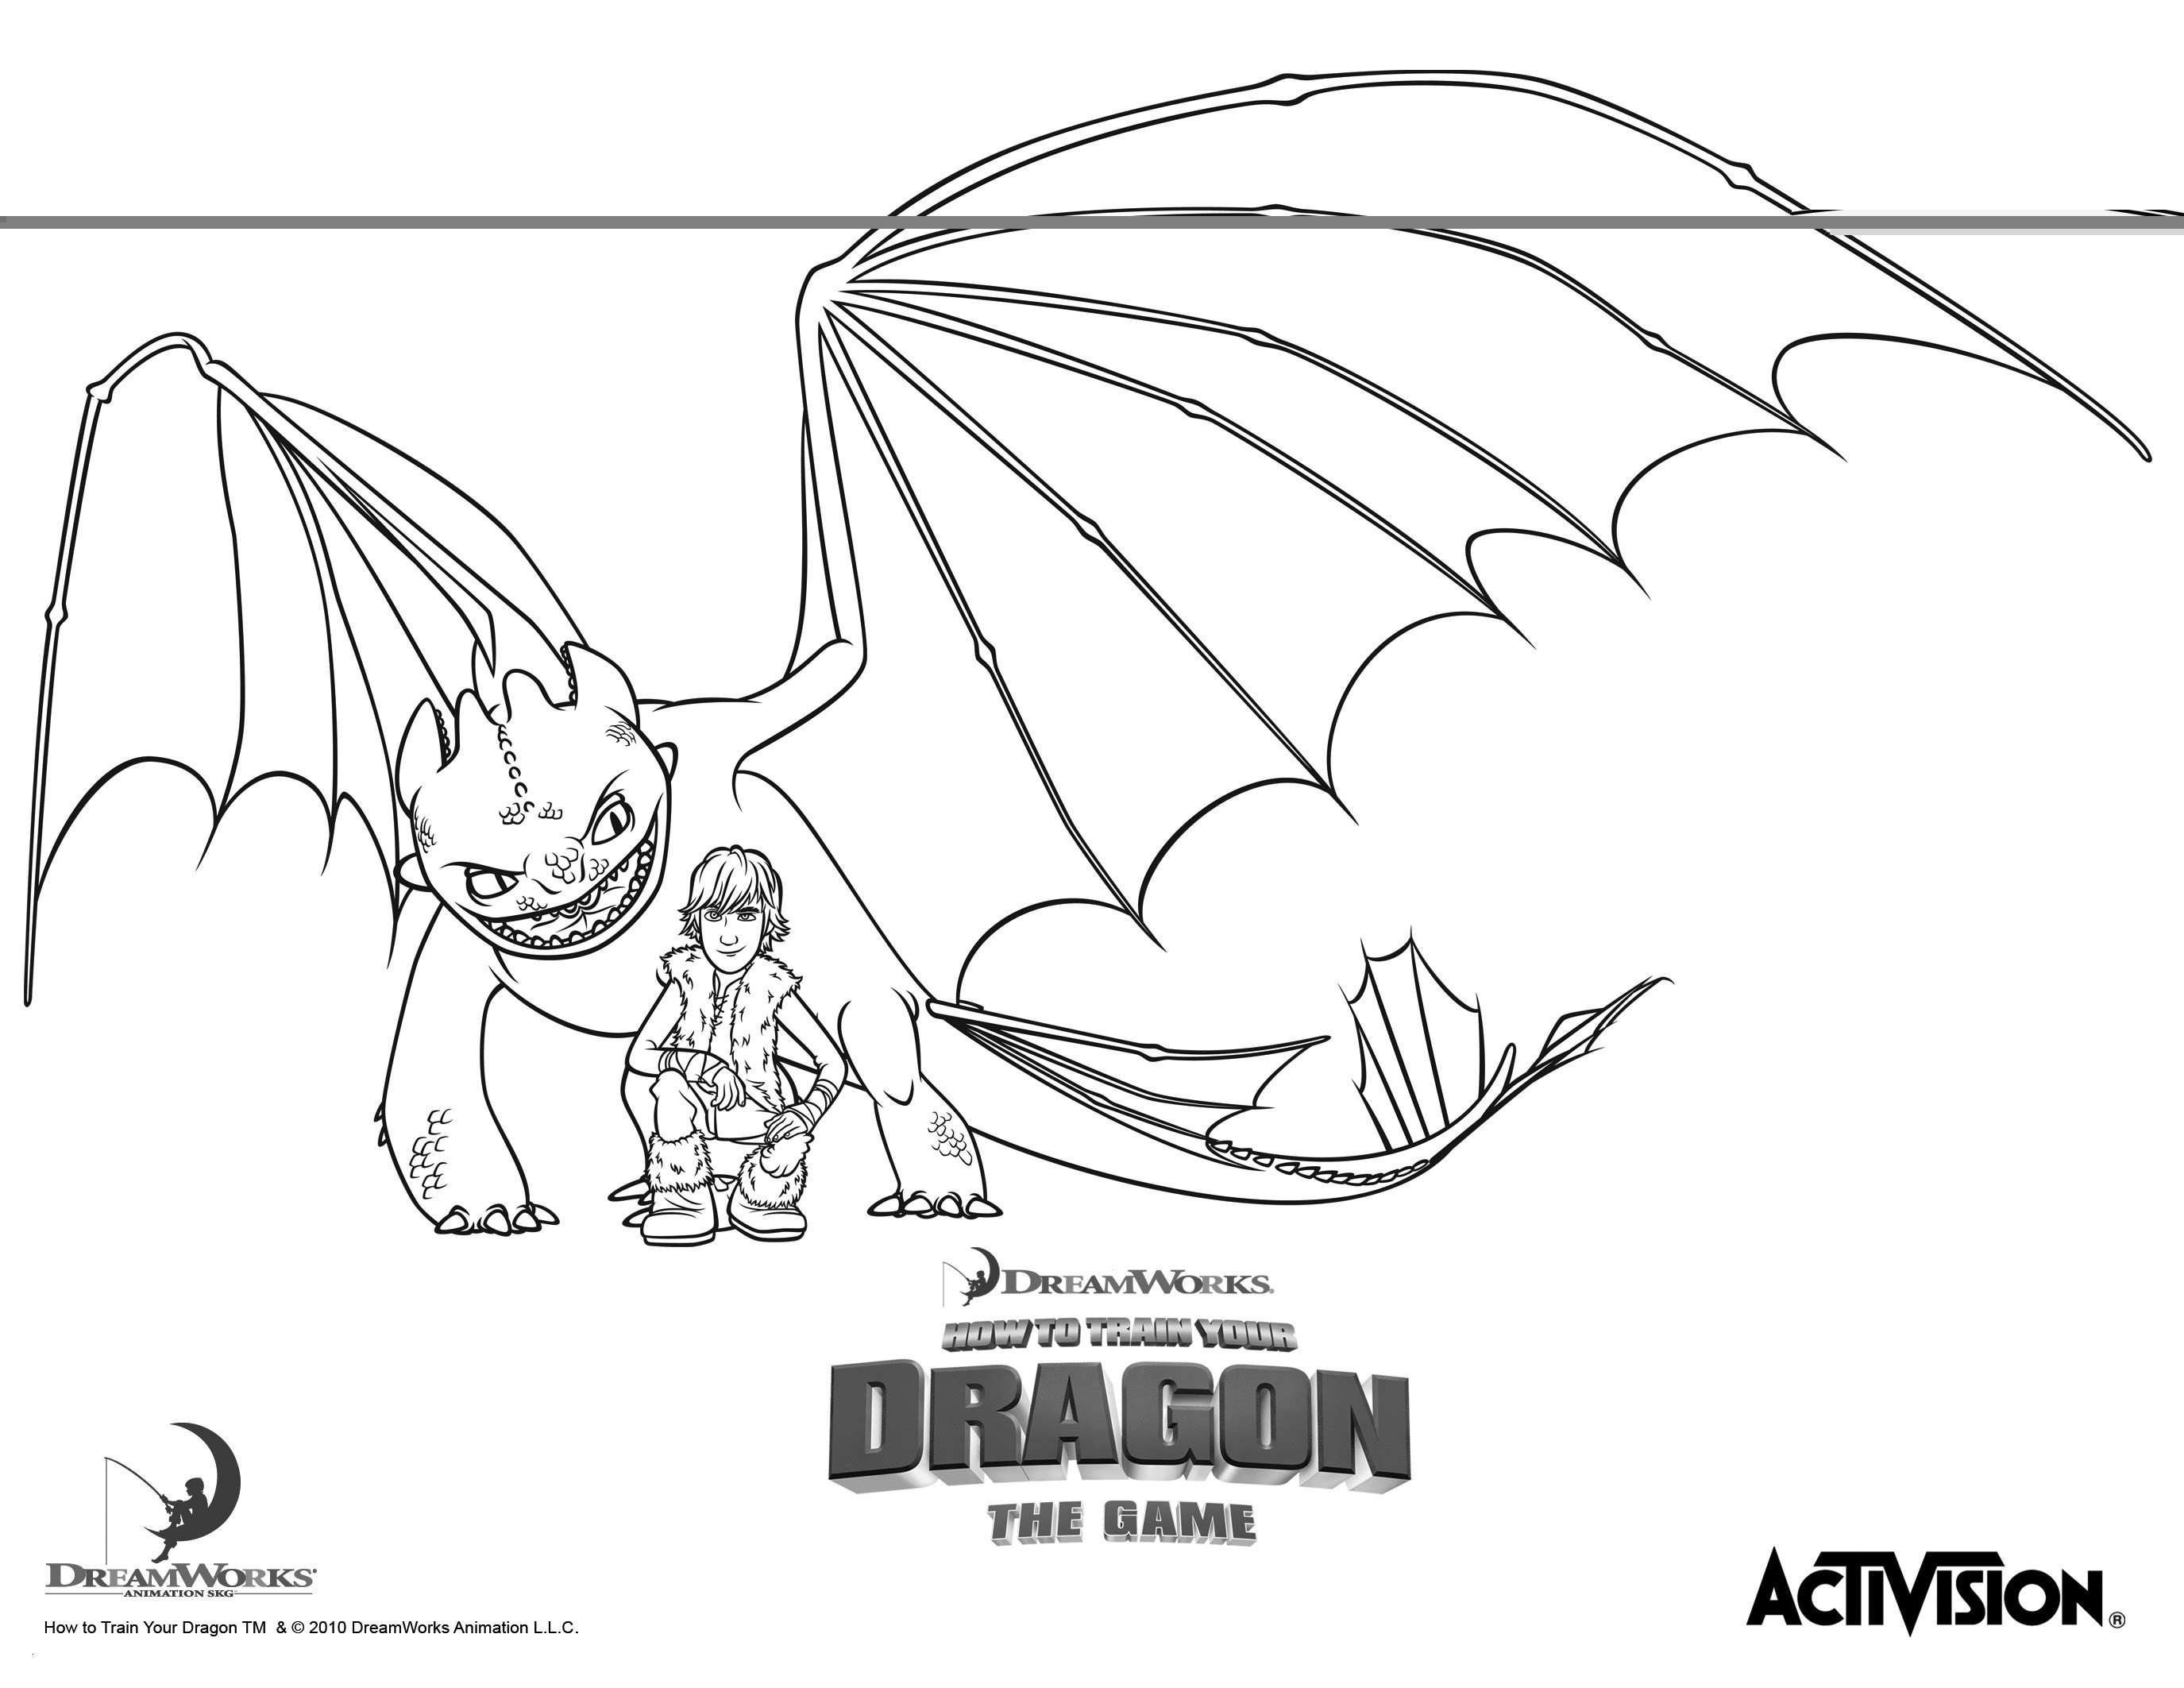 Dragons Auf Zu Neuen Ufern Ausmalbilder Inspirierend Schön Malvorlagen Dragons Skrill Art Von Malvorlagen Neu Sammlung